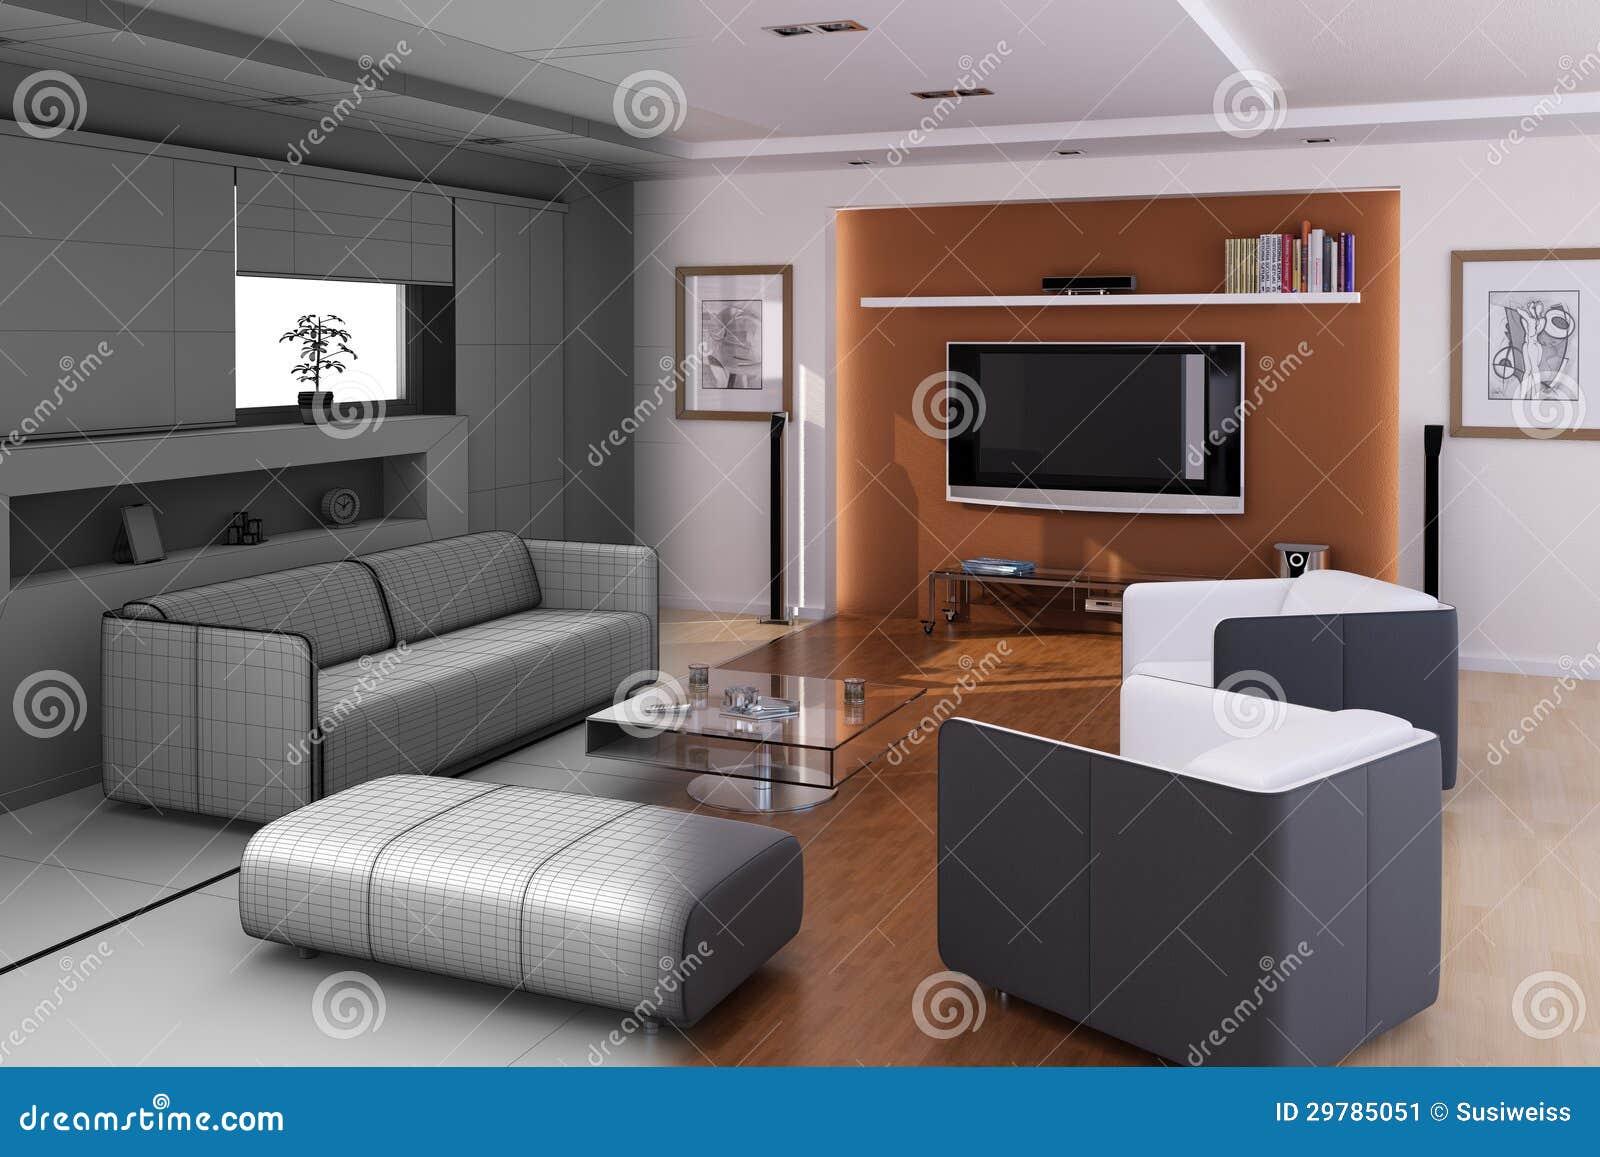 Minimalistisch de woonkamerbinnenland van de luxe stock illustratie afbeelding 29785051 - Ontwikkel een grote woonkamer ...